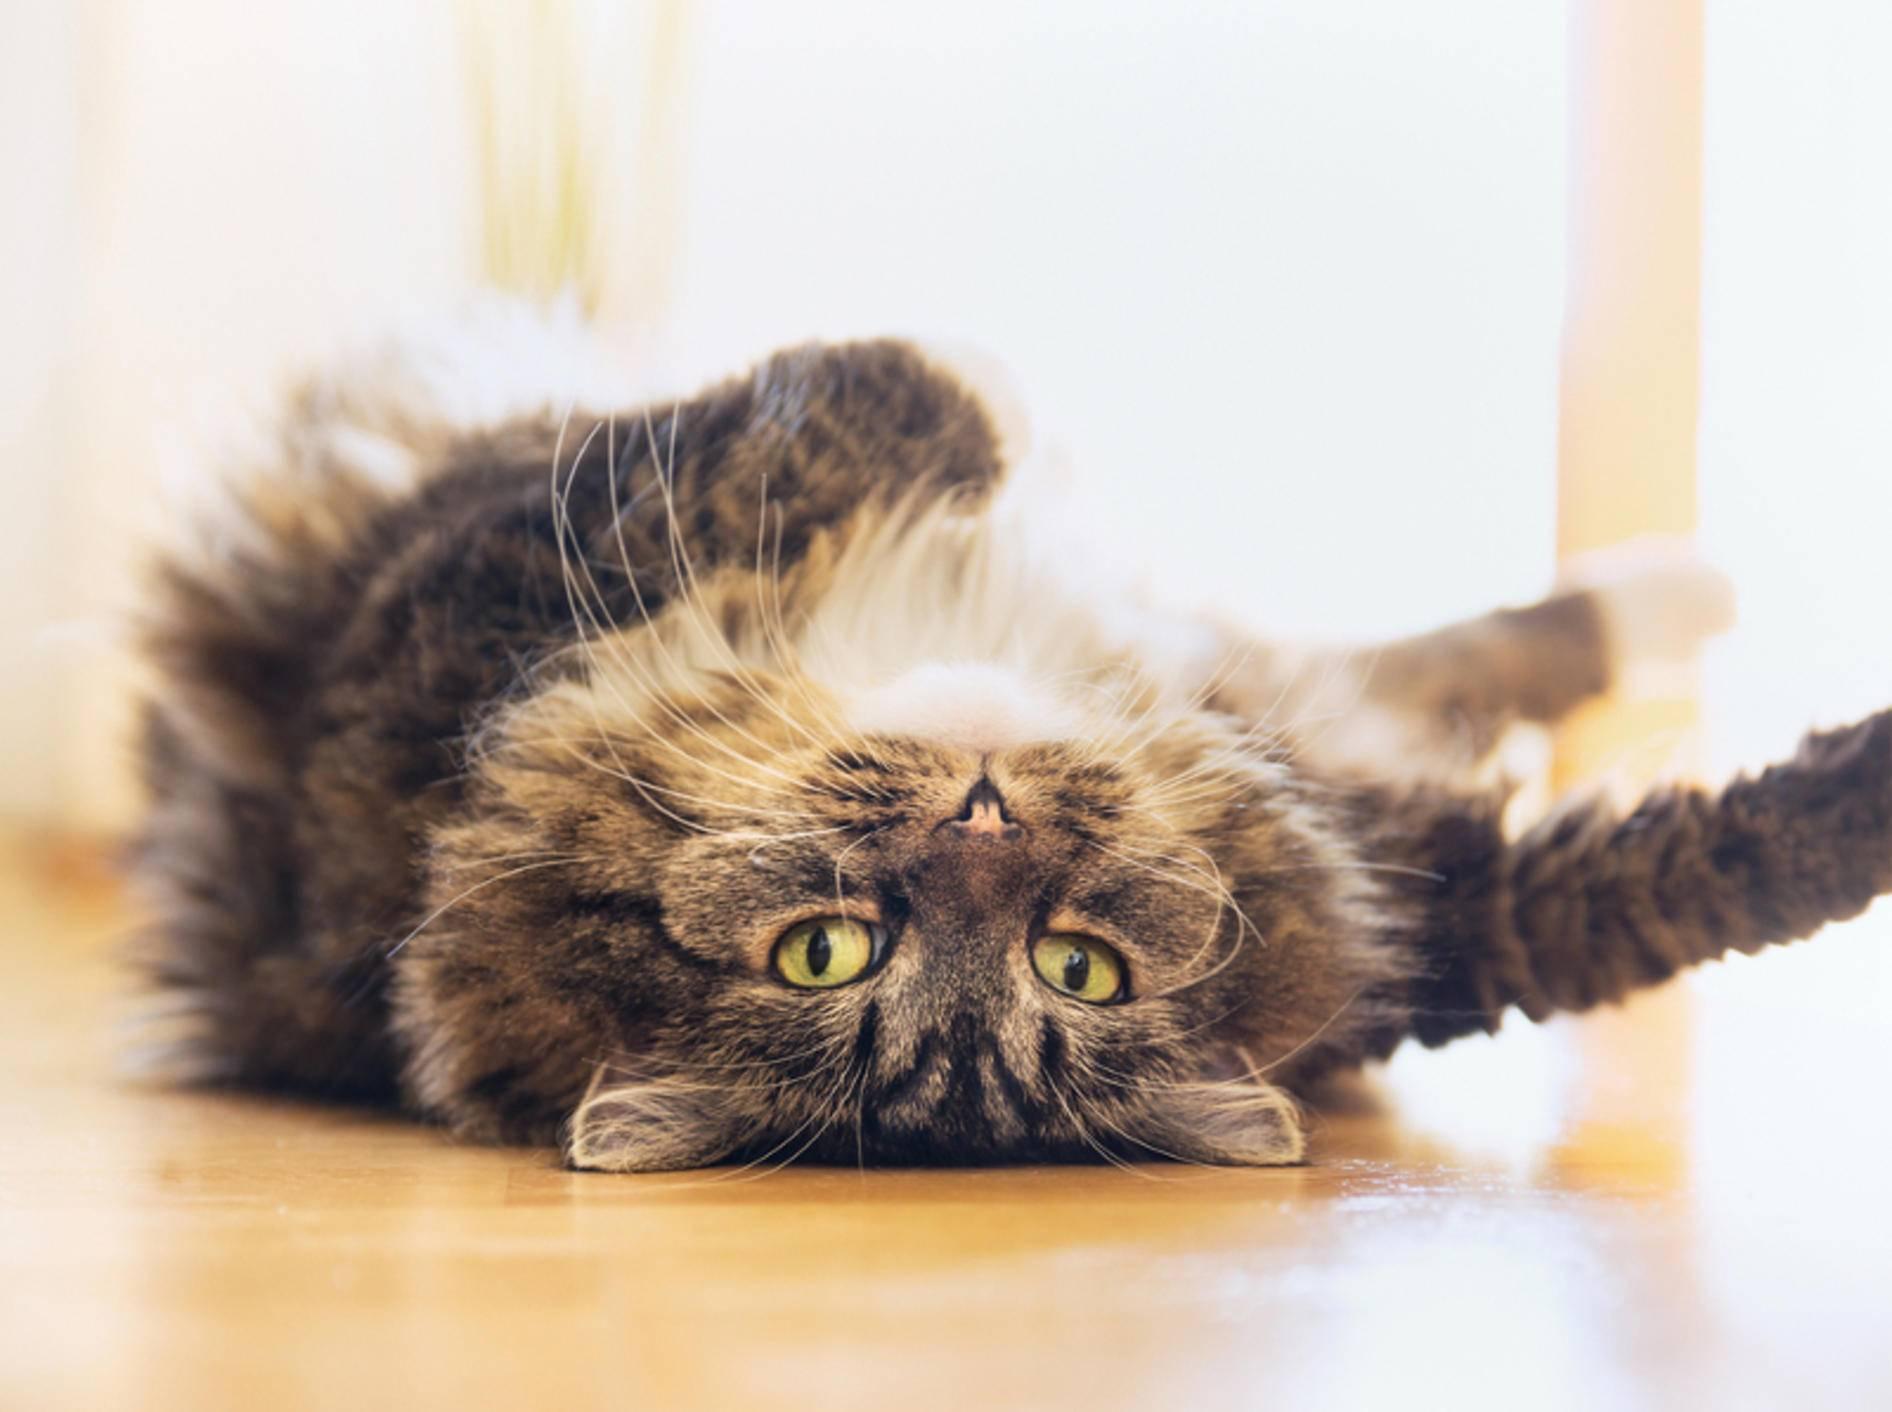 Wenn Katzen auf dem Rücken liegen, hat das selten etwas mit Faulheit zu tun – shutterstock / VICUSCHKA